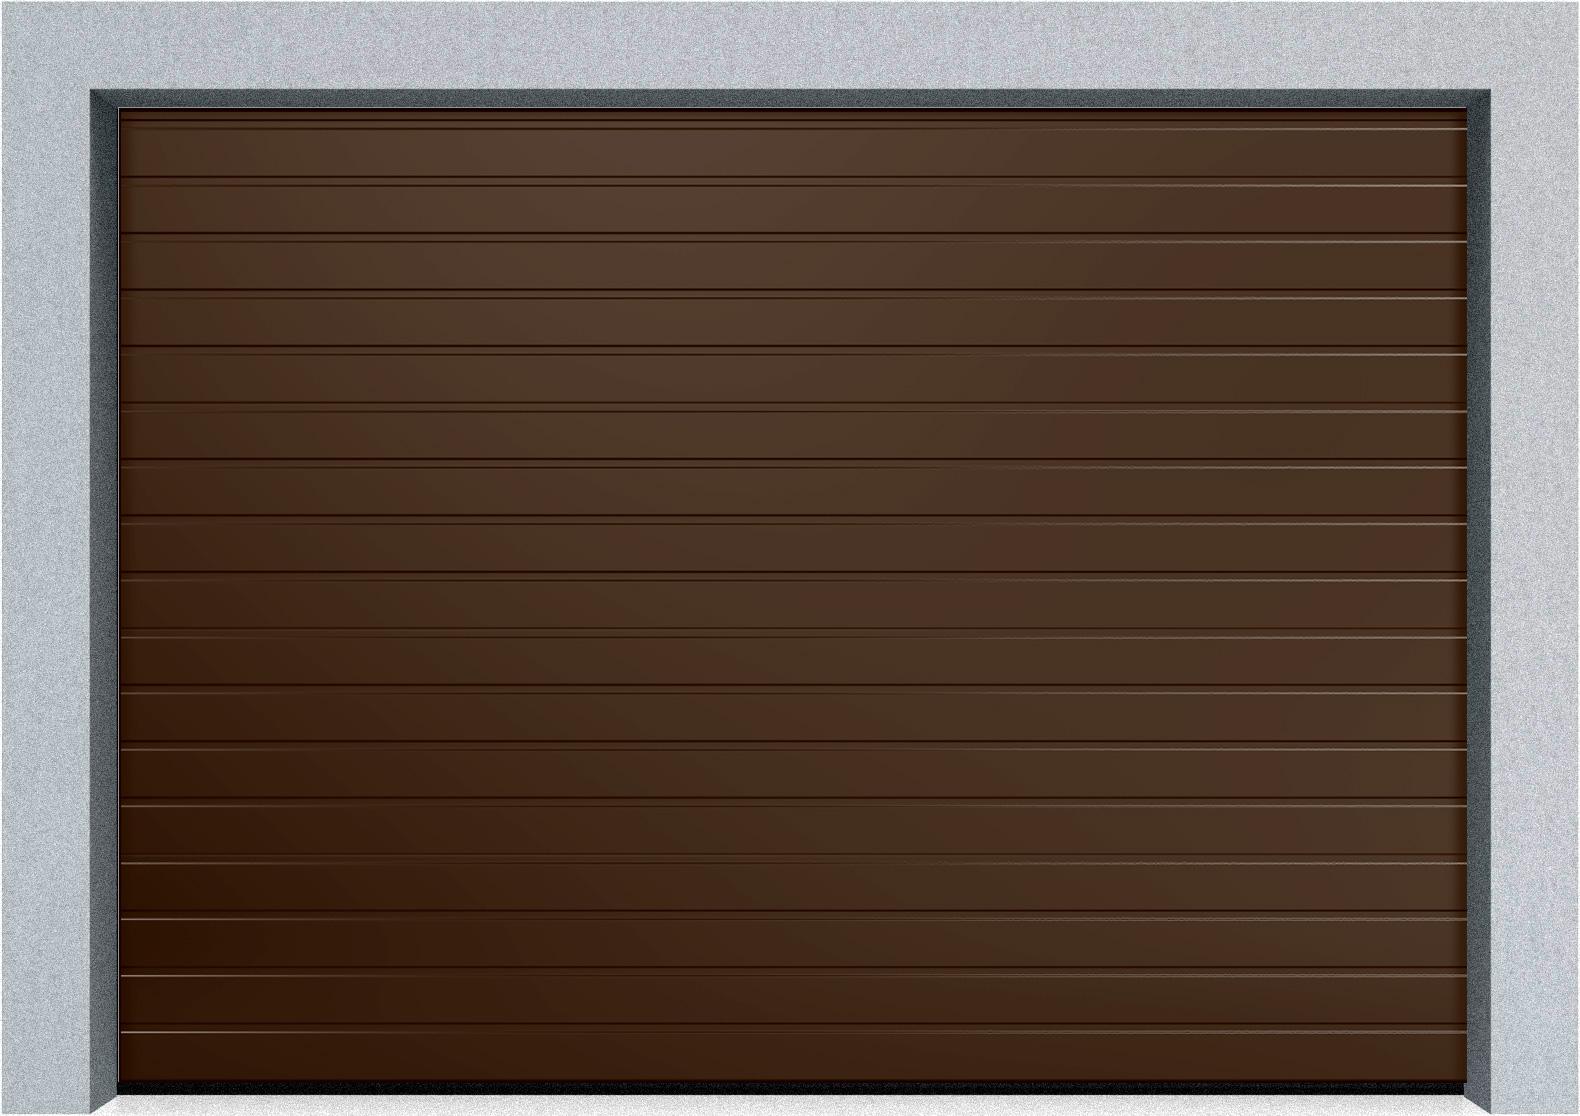 Секционные промышленные ворота Alutech ProTrend 2500х2000 S-гофр, Микроволна стандартные цвета, фото 2